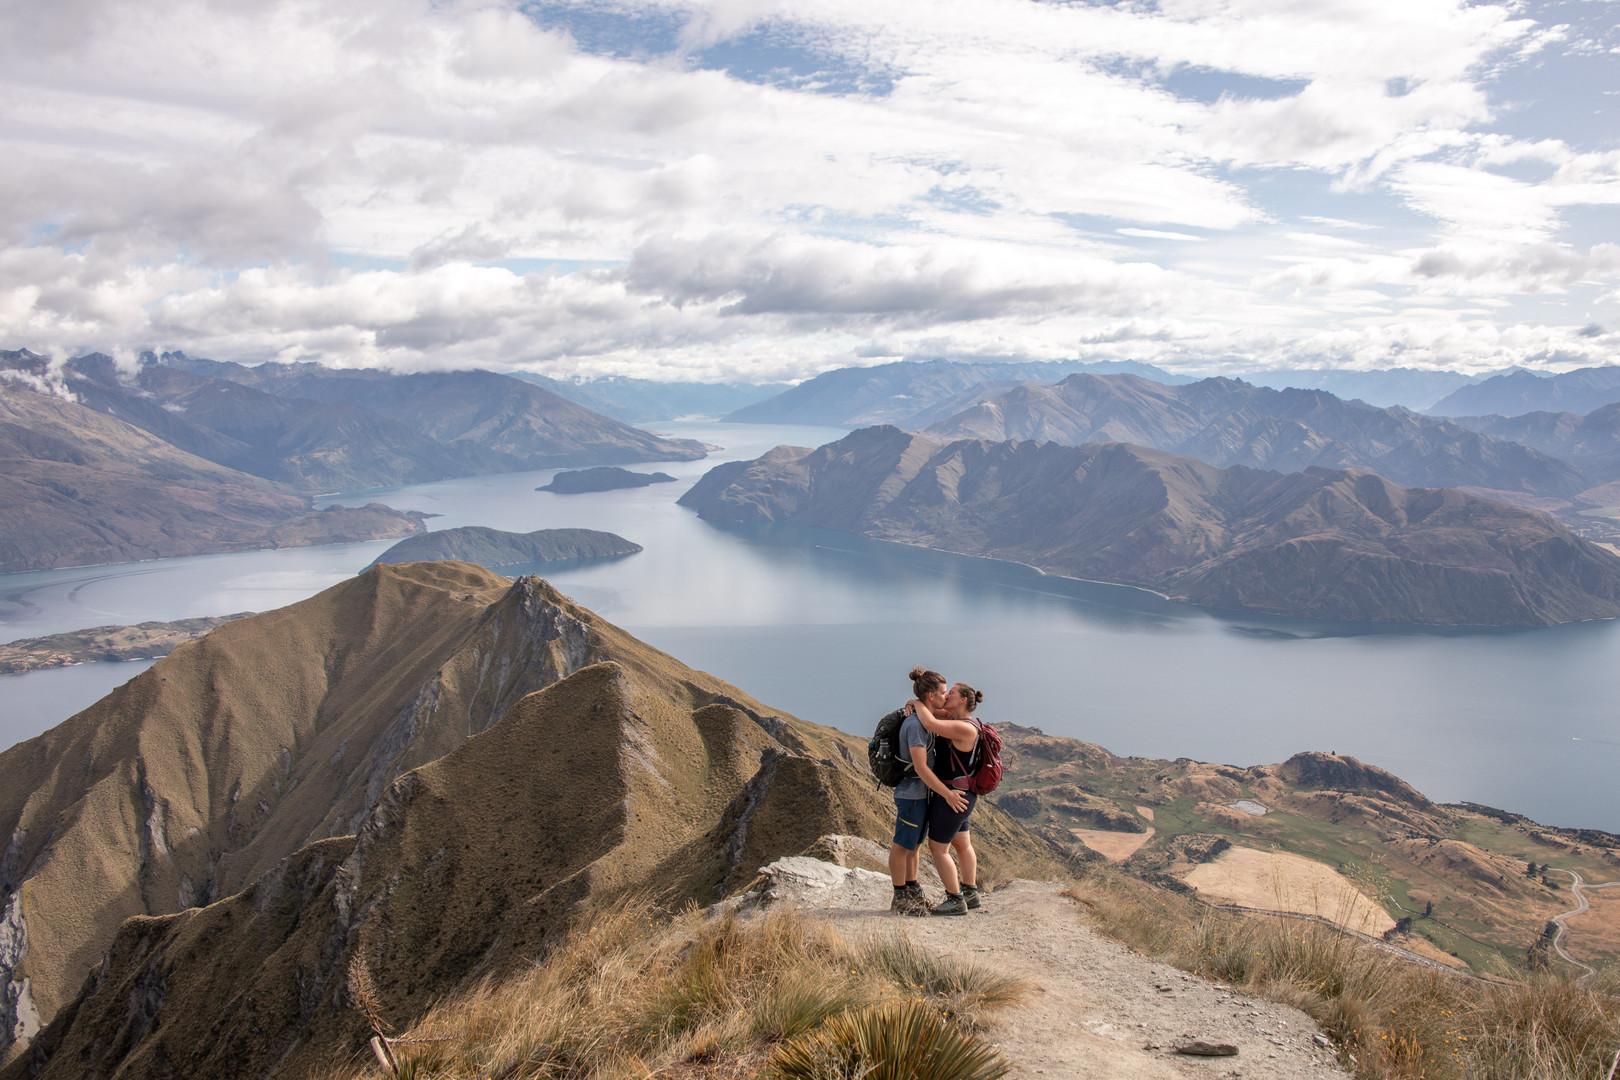 Selbstportrait auf dem Roys Peak in Wanaka, Neuseeland / Wild Embrace Fotografie Abenteuer Elopement und Auslandshochzeit Fotografen in  Österreich, Europa und weltweit. www.wildembrace.photo